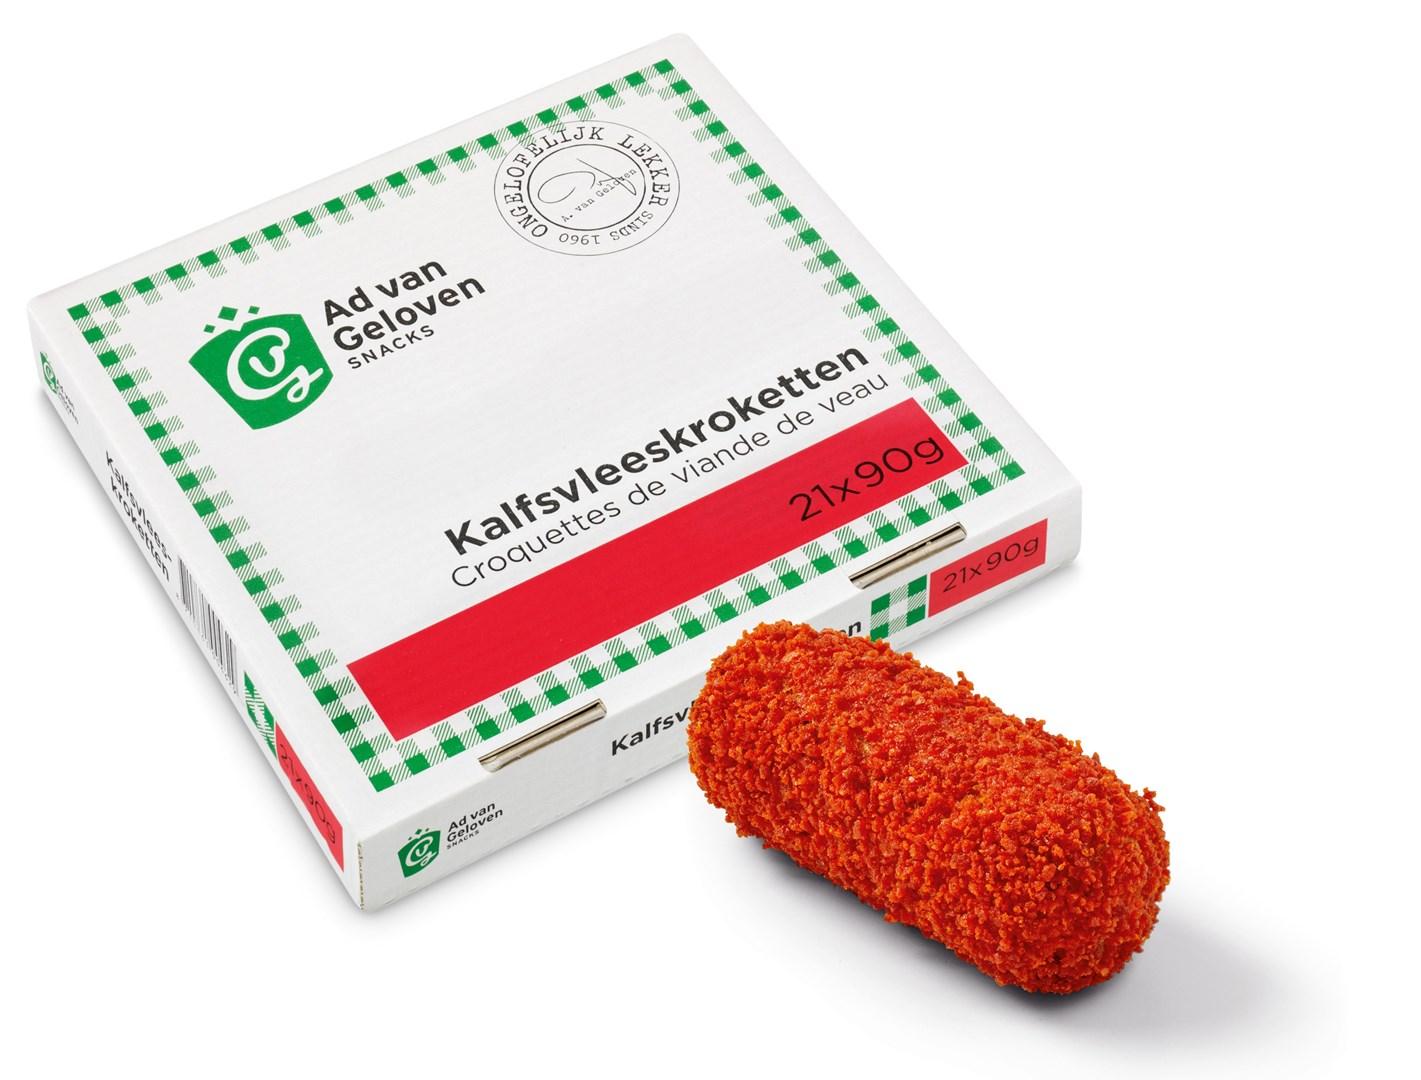 Productafbeelding Ad van Geloven Kalfsvleeskroket 21 x 90 gram